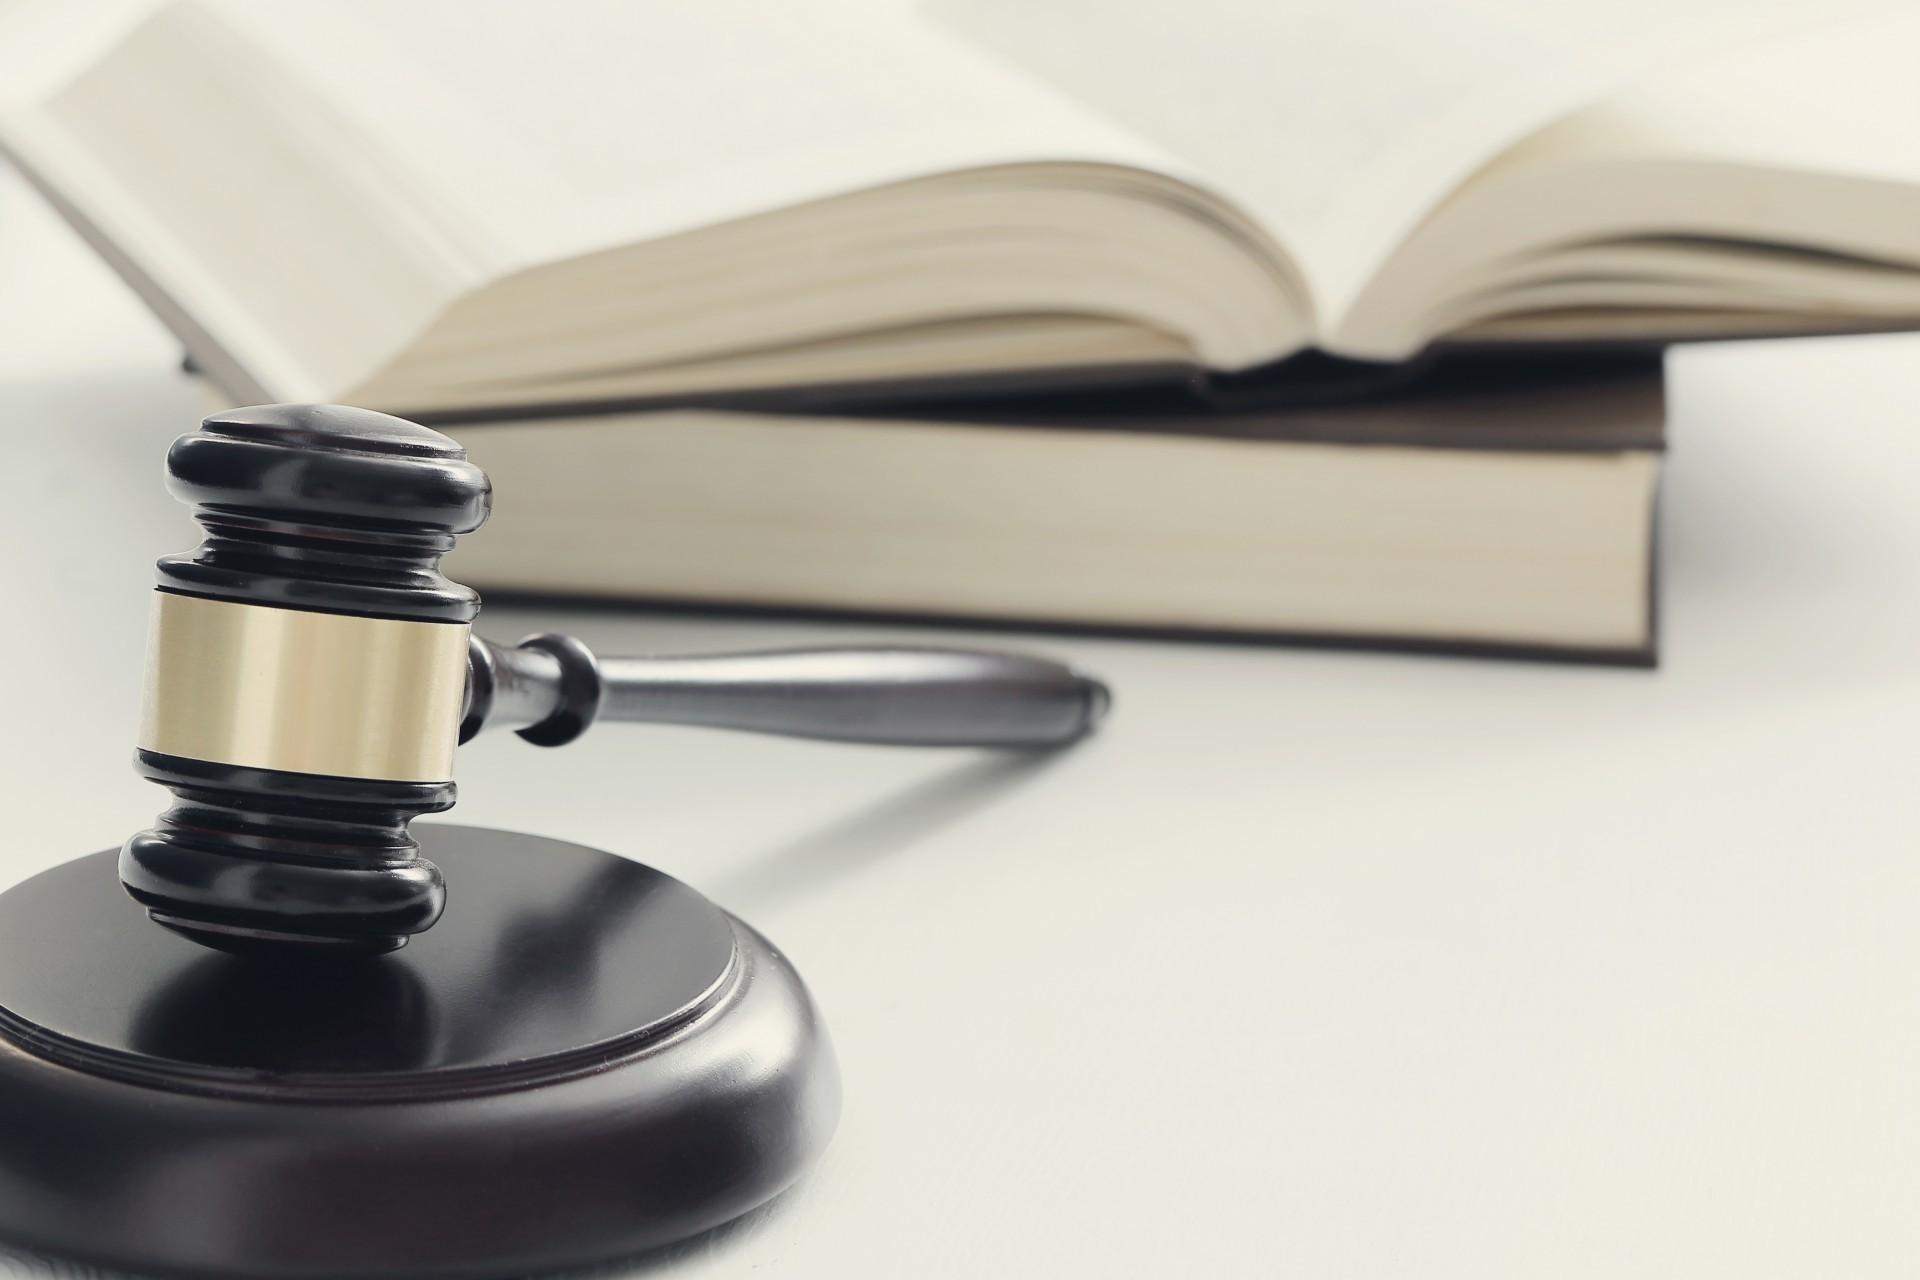 Opća Uredba o zaštiti osobnih podtaka (GDPR)